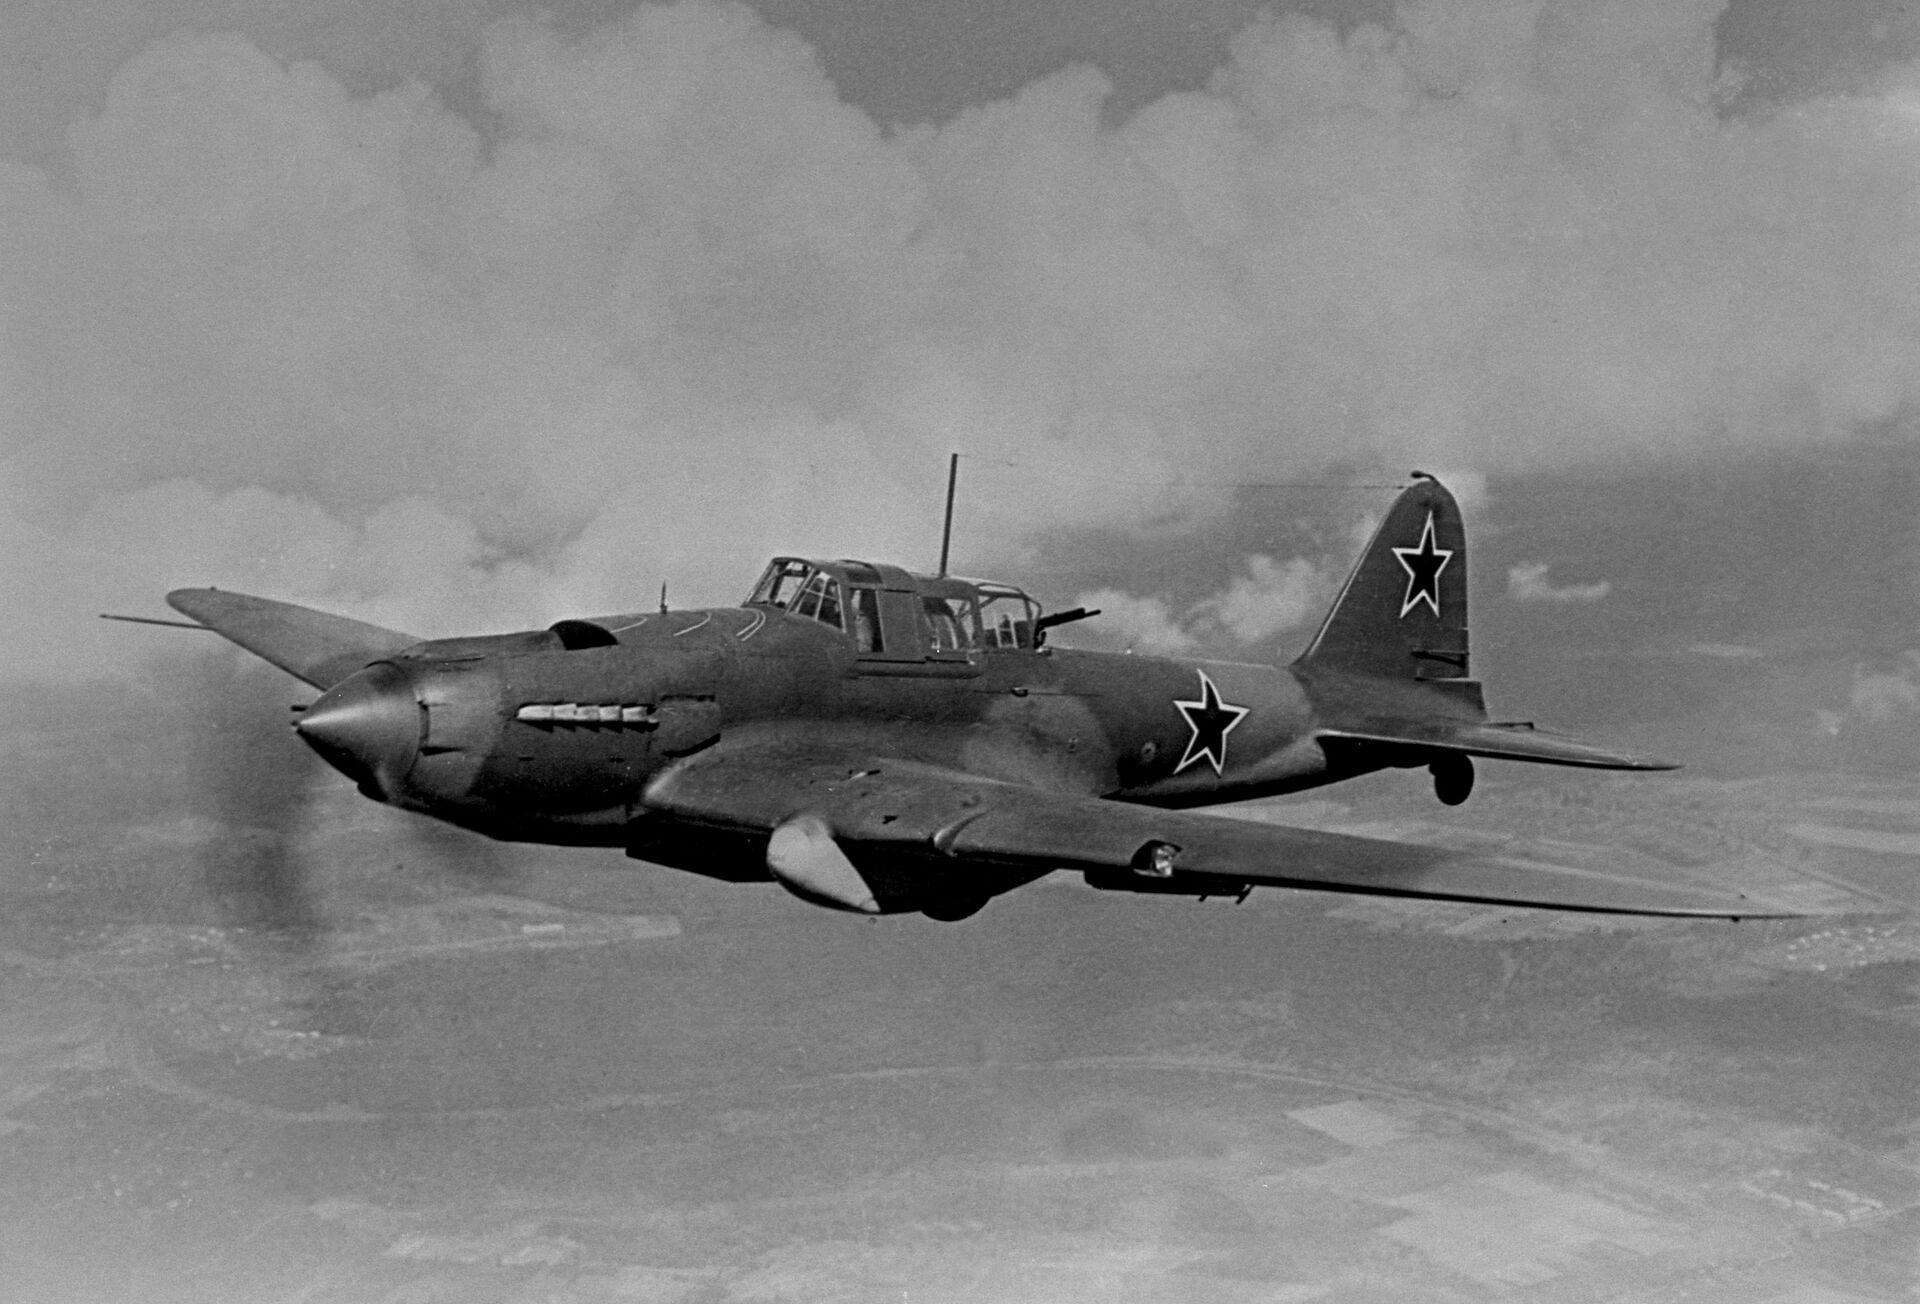 """Quân Đức đặt tên cho nó là """"Gã đồ tể: máy bay Liên Xô khiến phát xít khiếp sợ - Sputnik Việt Nam, 1920, 10.03.2021"""